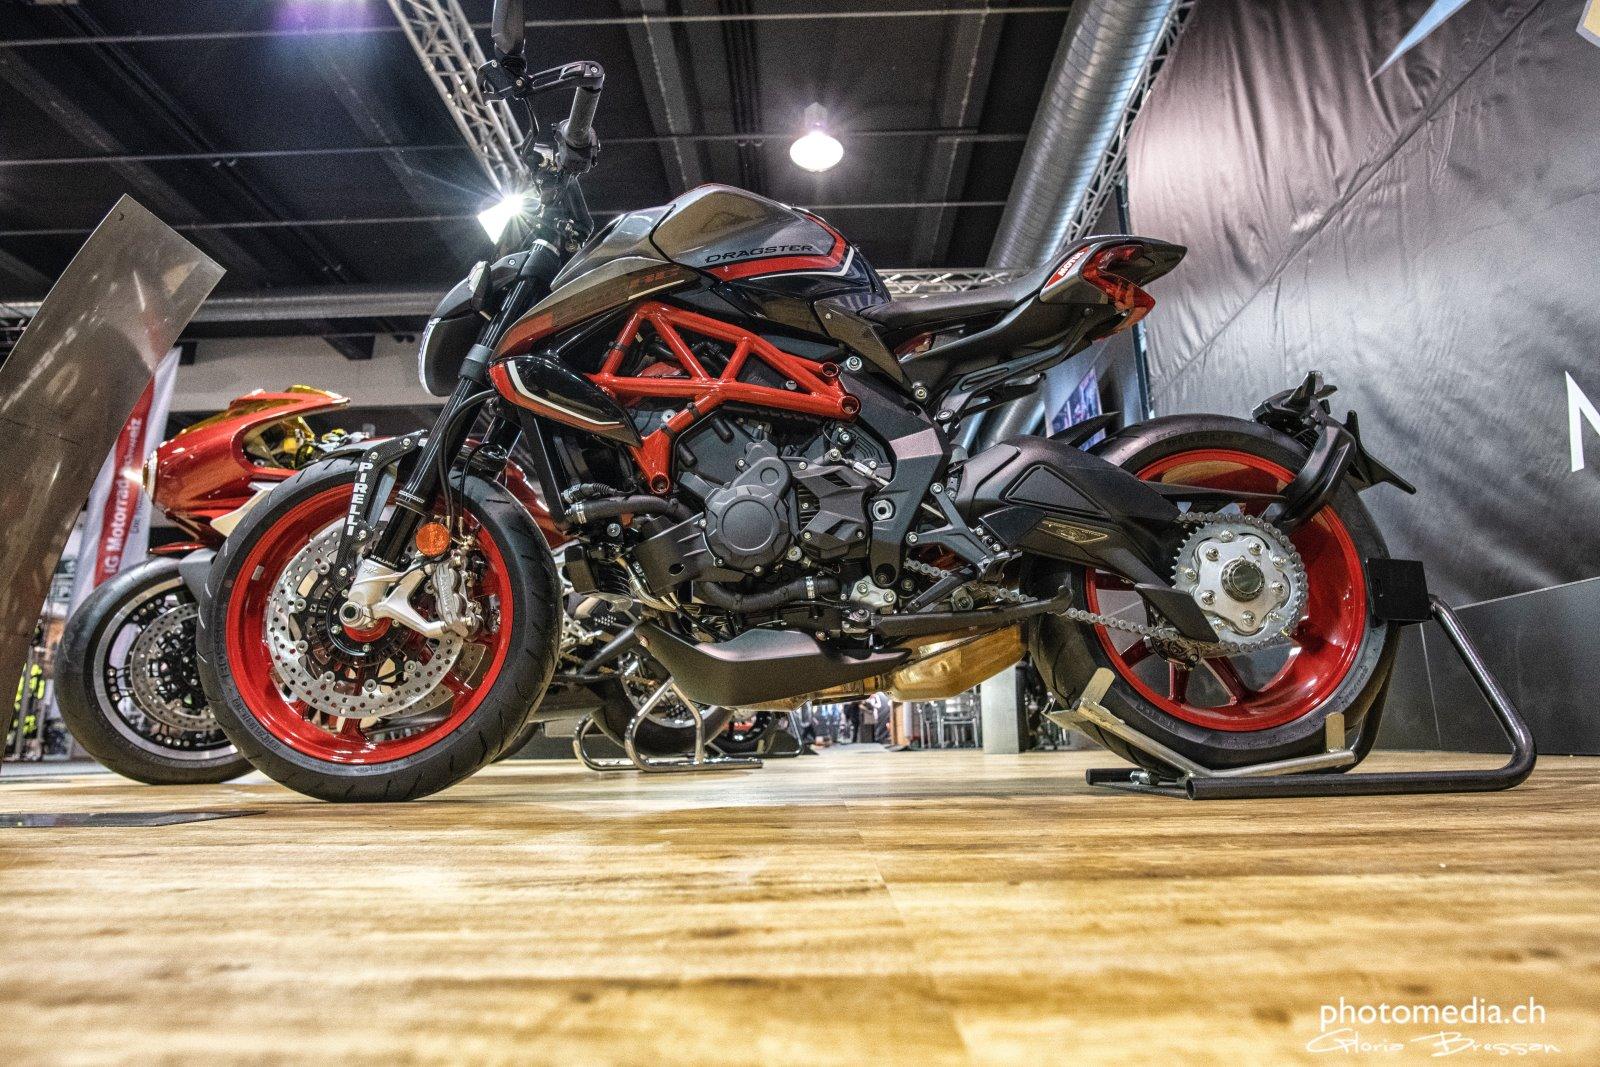 swiss moto-motor show-moto zurigo-ducati-mv agusta-ducati superleggera